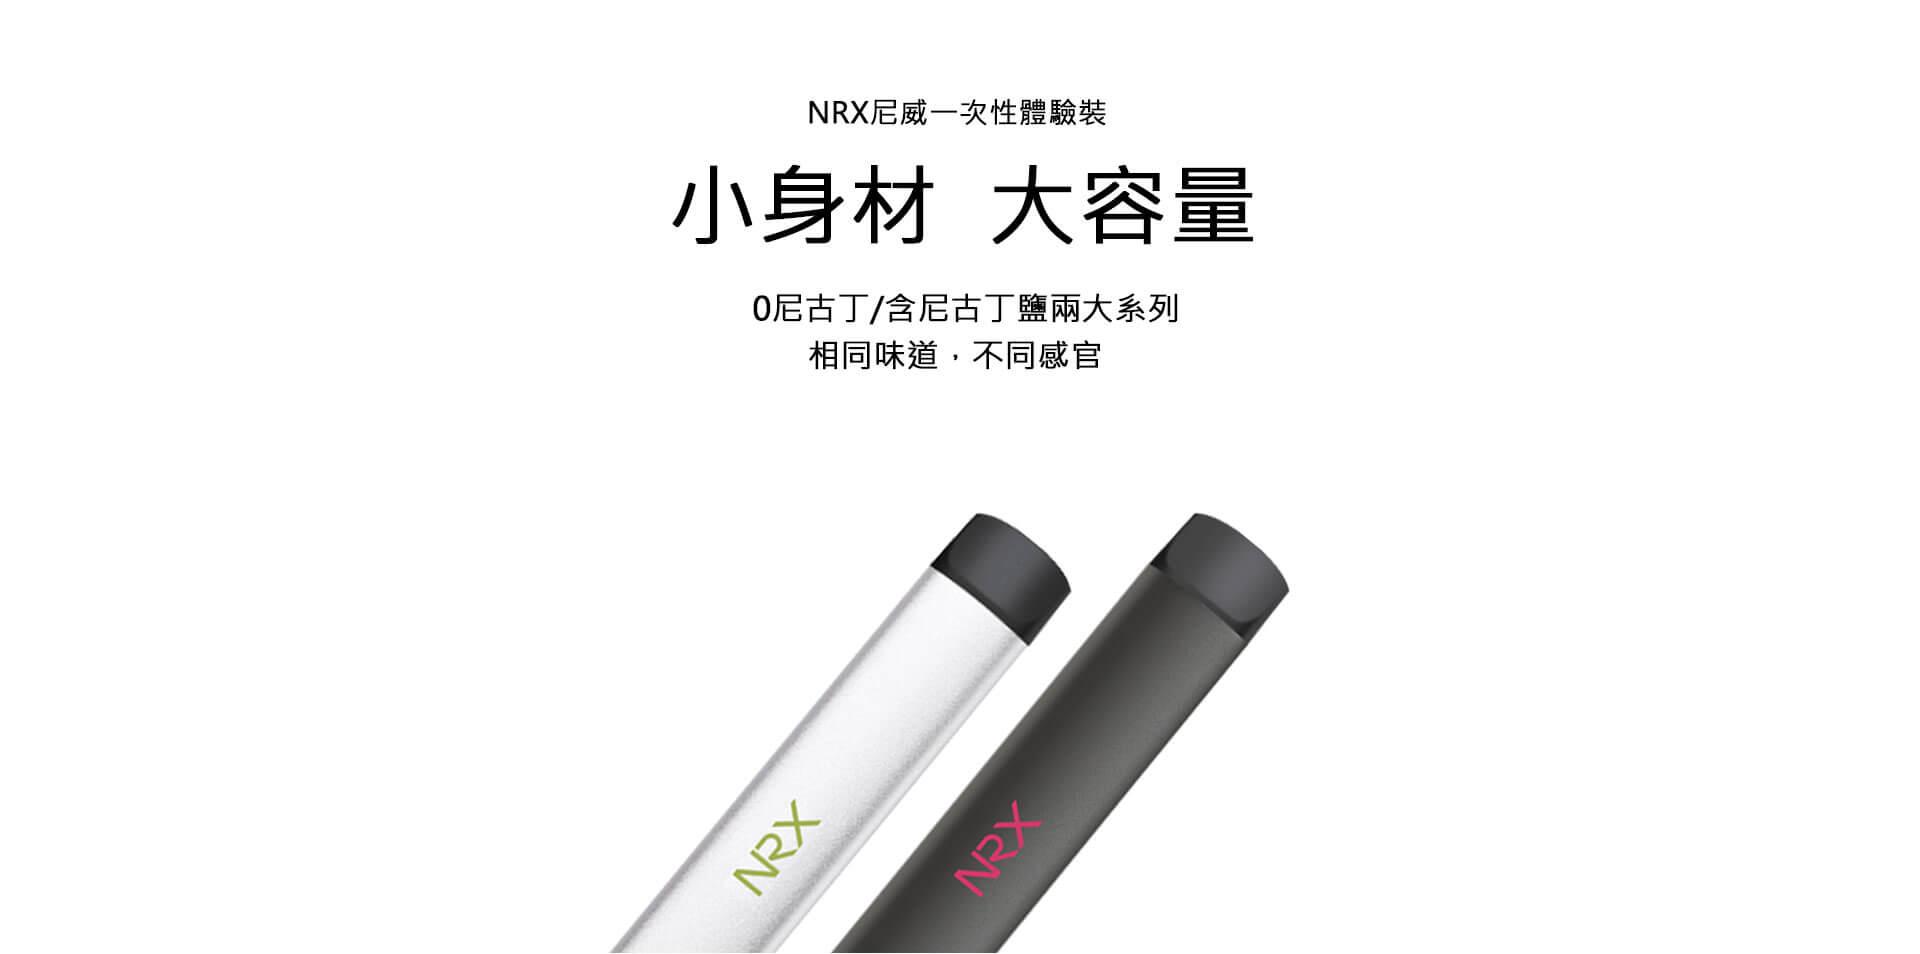 NRX電子菸